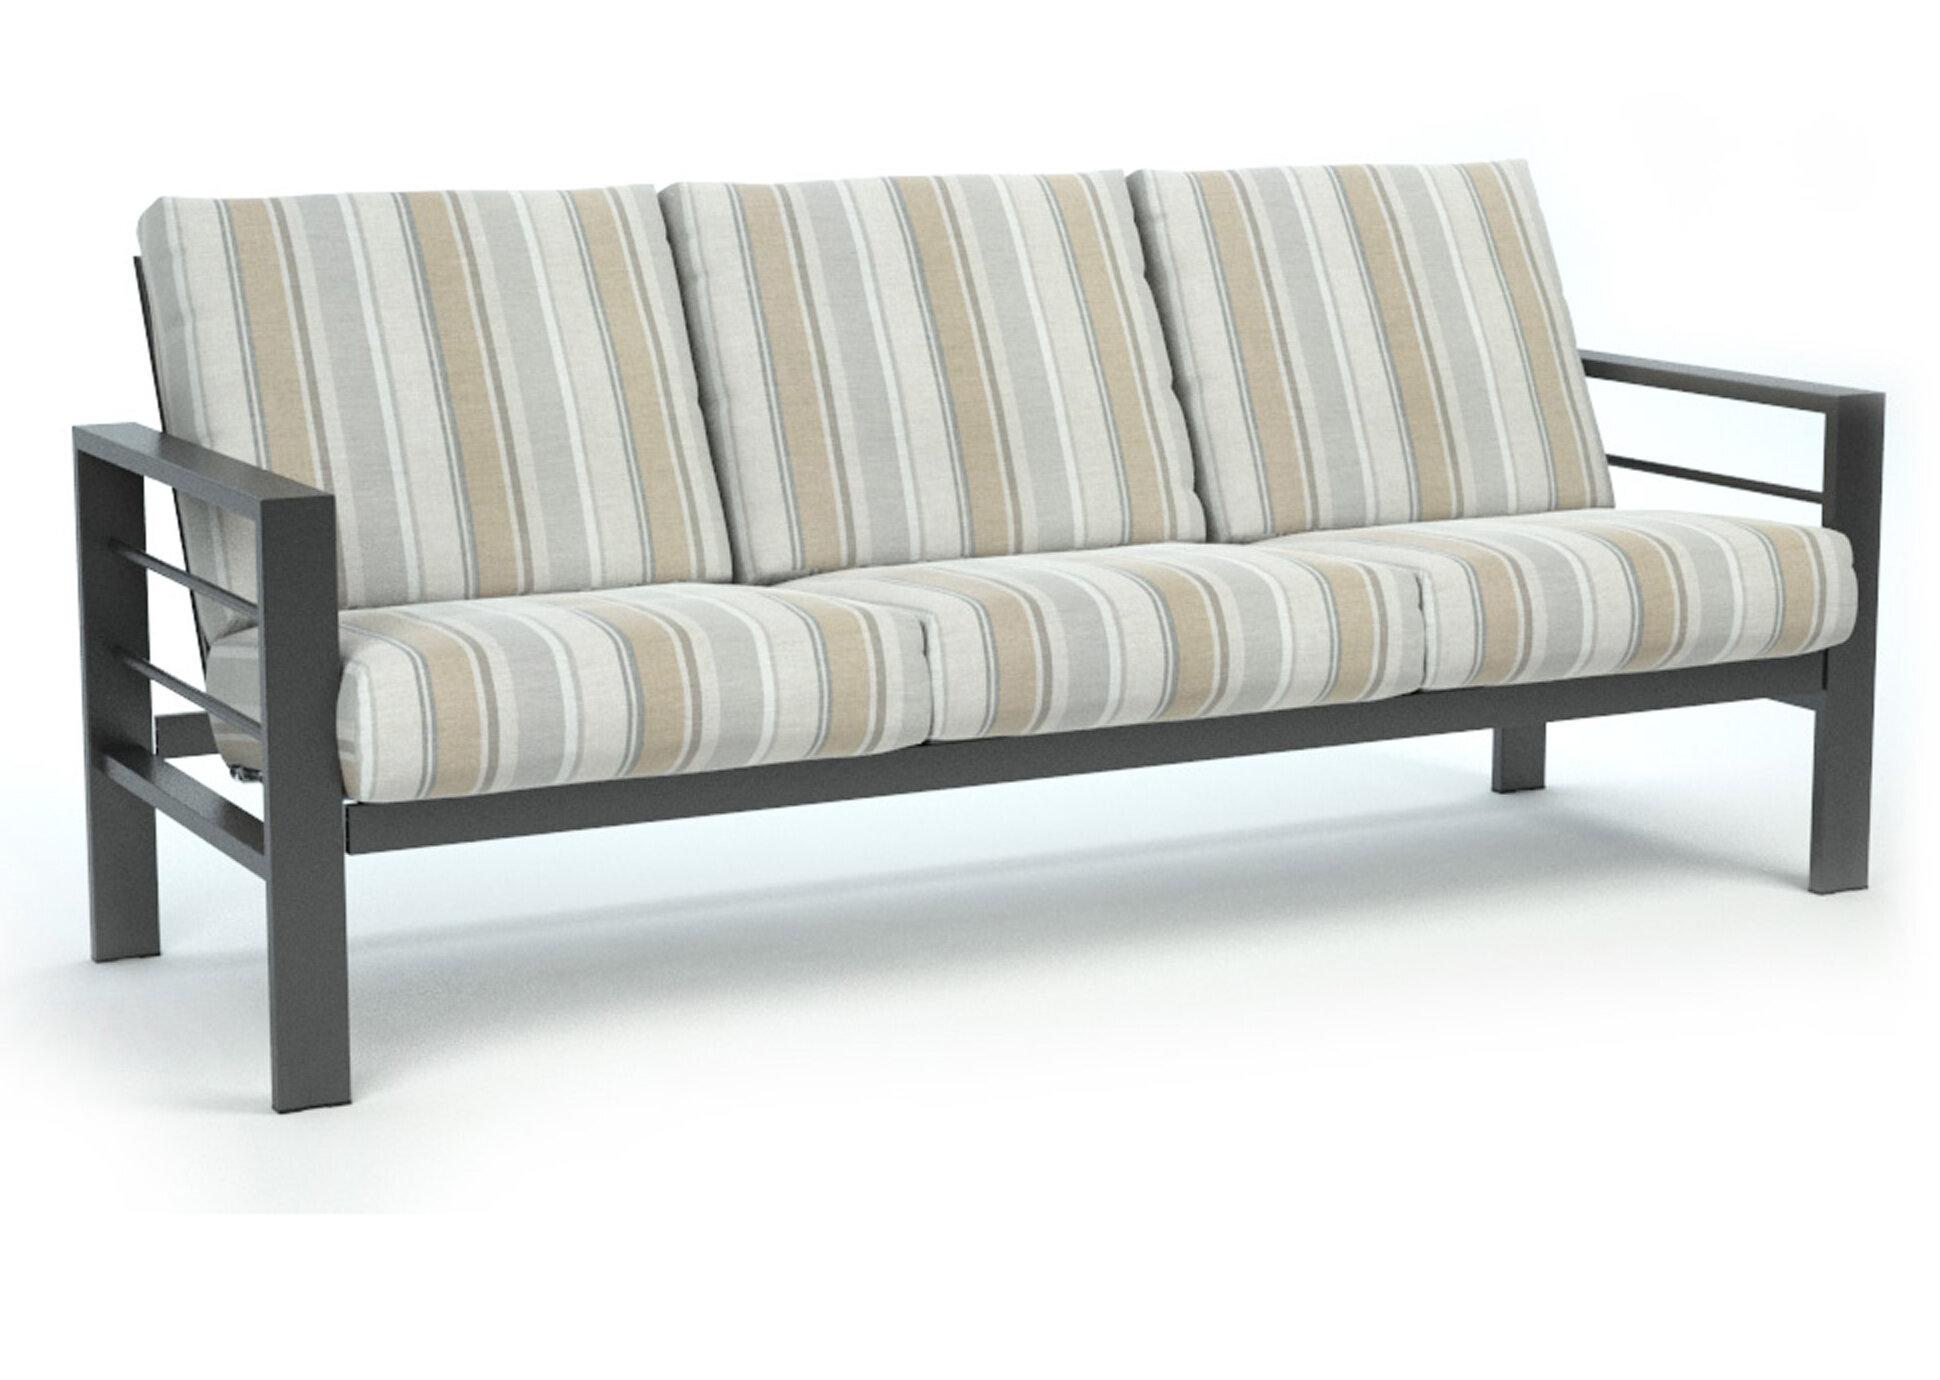 Fugate Trusted Fog Low Back Patio Sofa